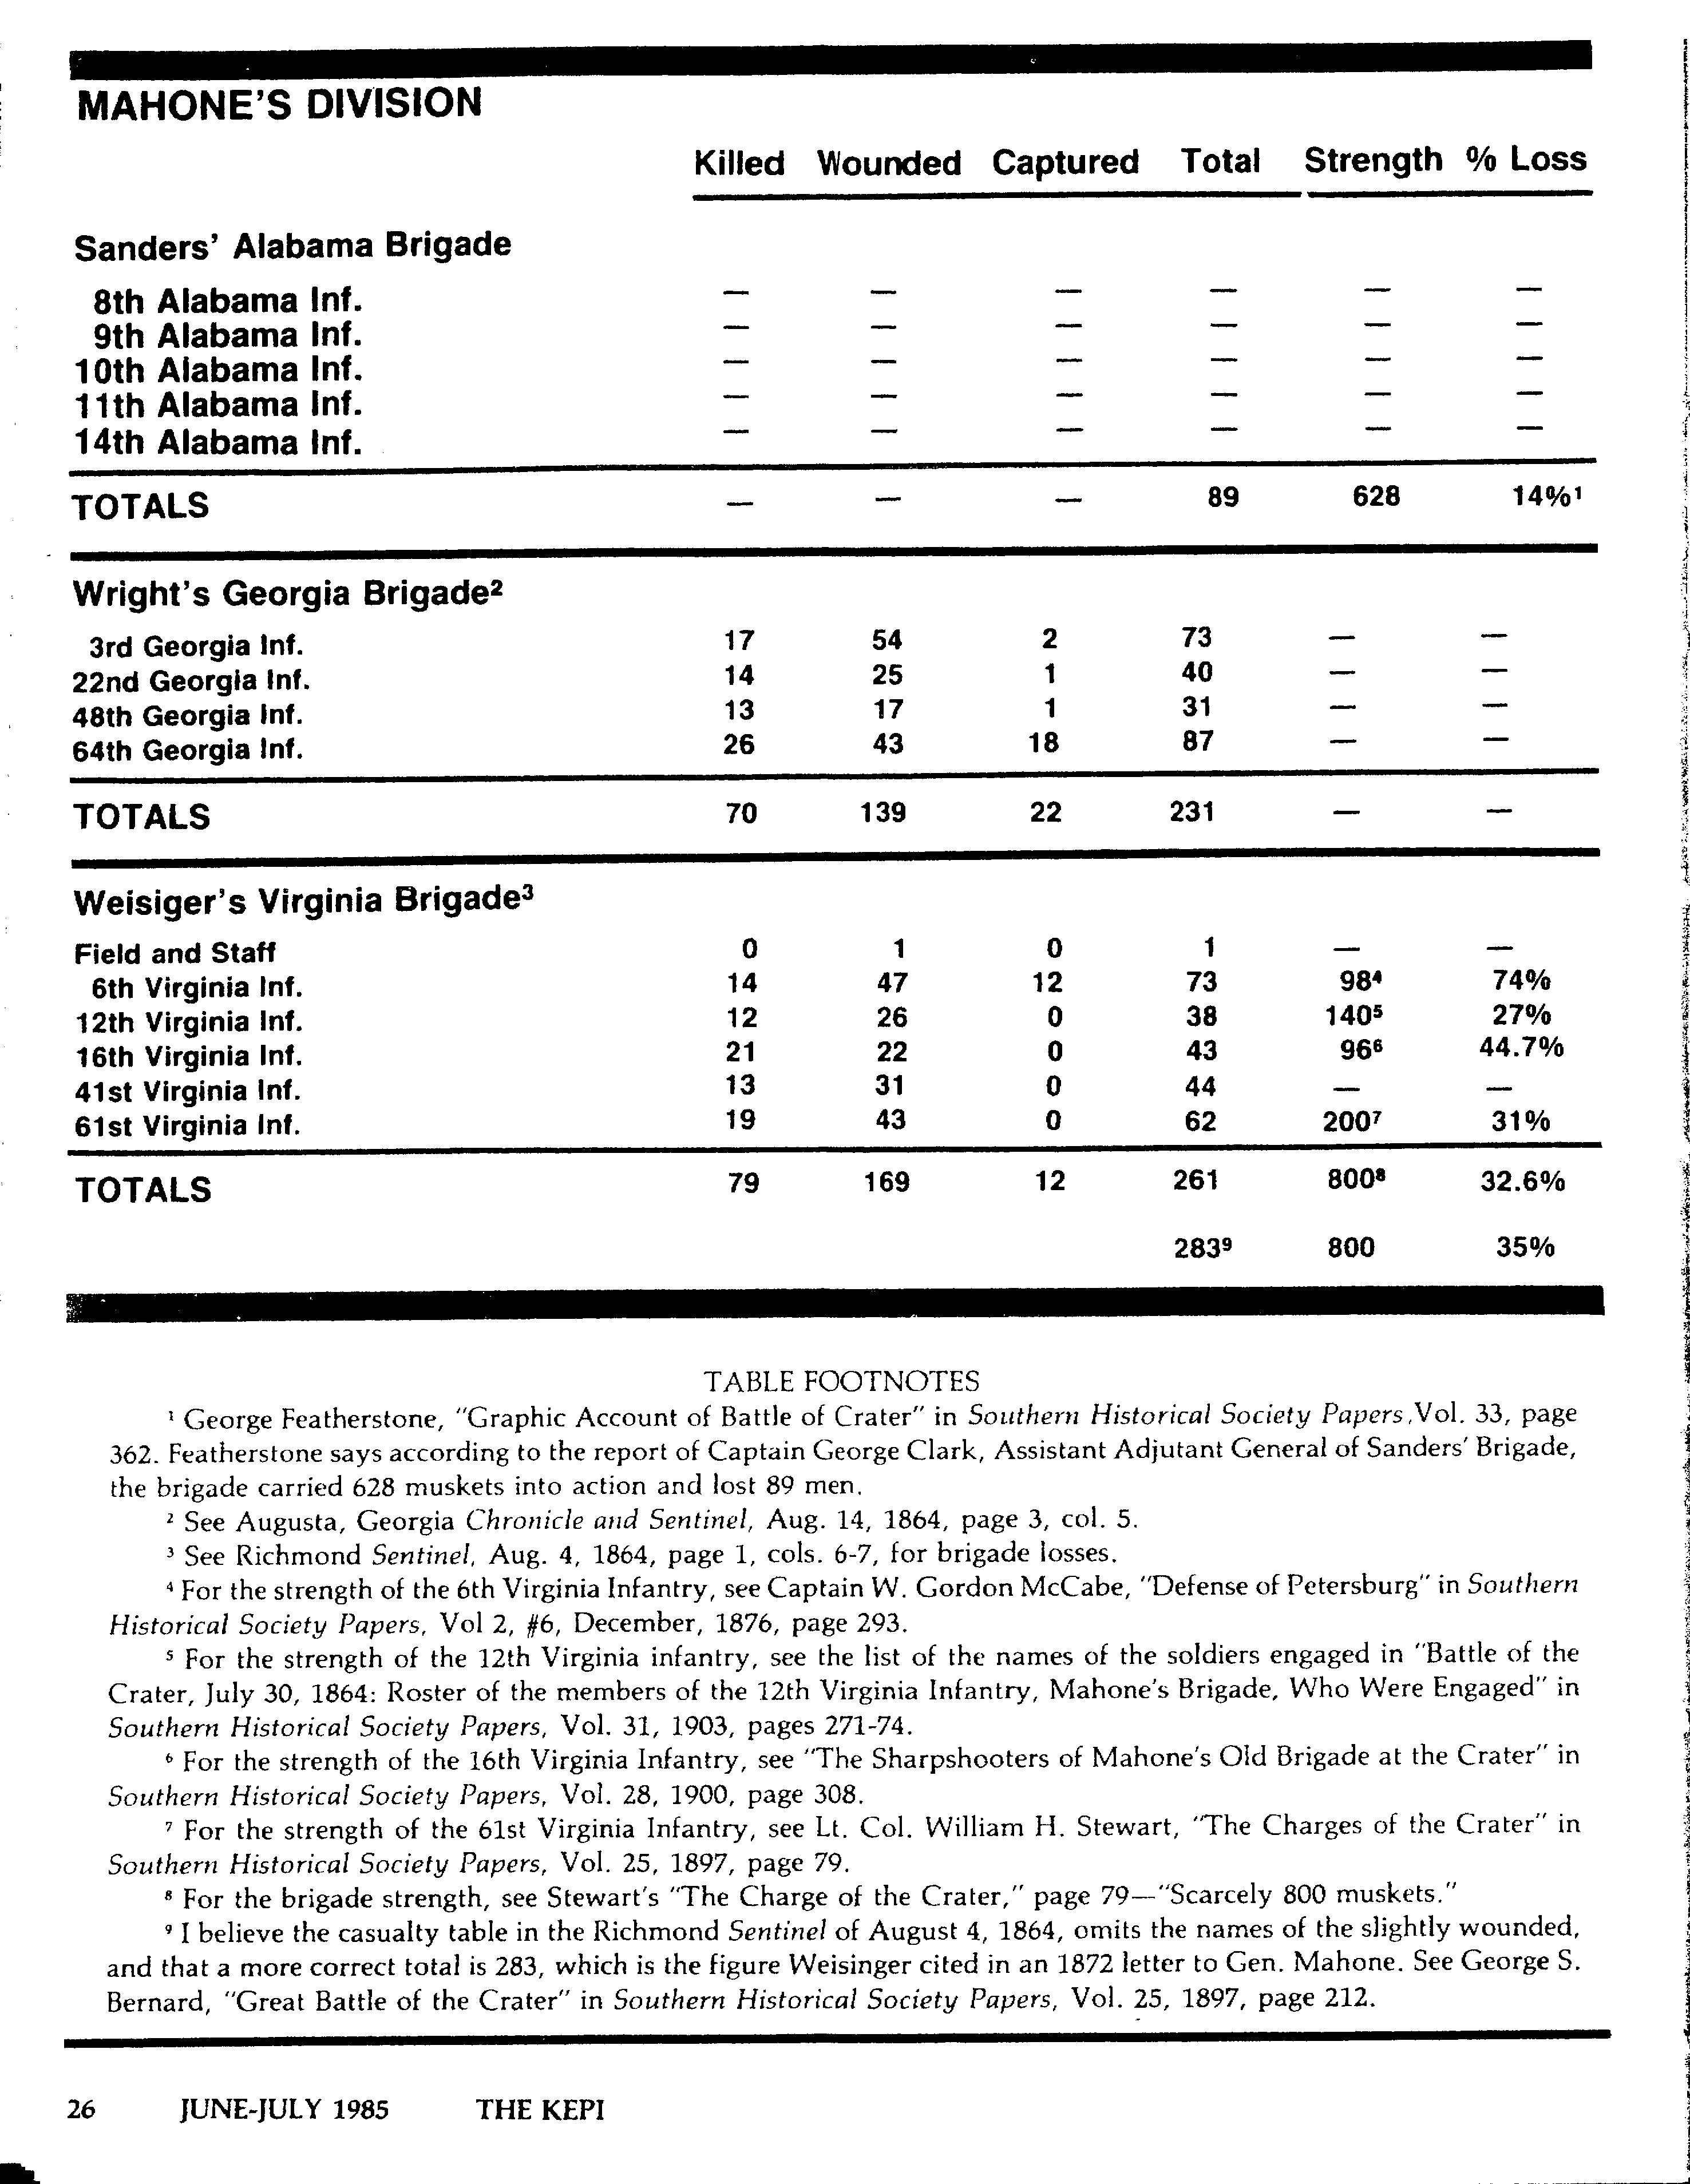 KepiV3N3JunJul1985 CraterConfCas Pg26